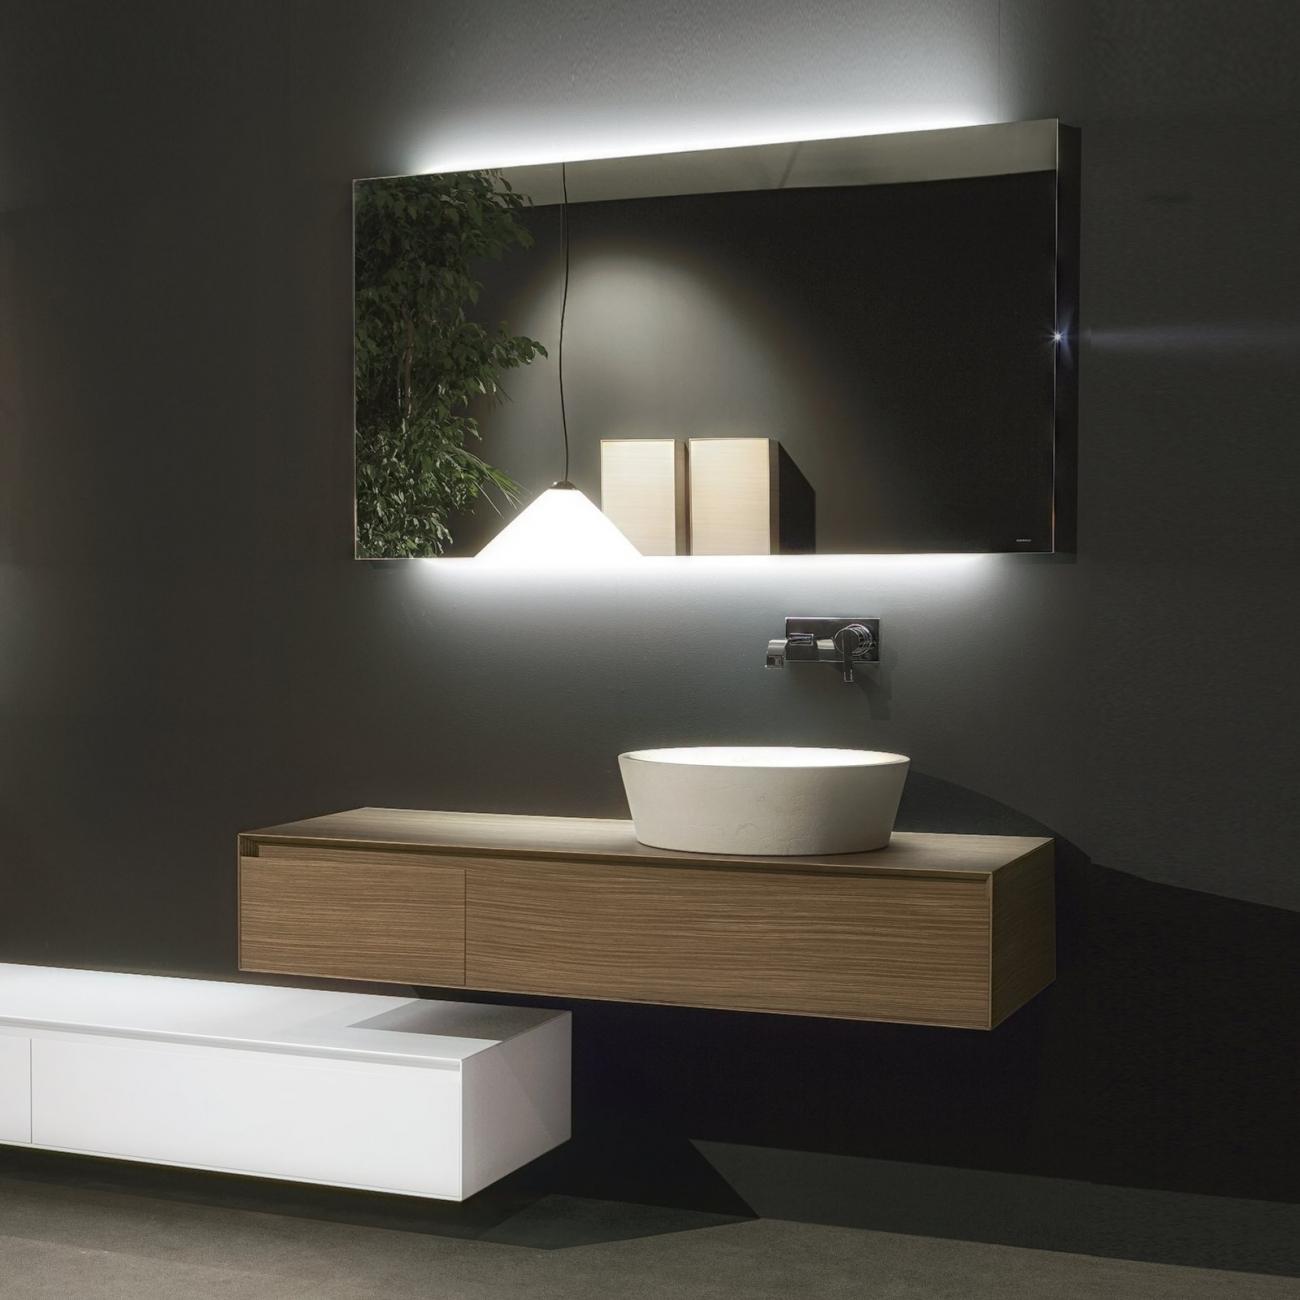 Antonio lupi mobili bagno perfect bespoke with antonio lupi mobili bagno msanitary ware - Antonio lupi accessori bagno ...